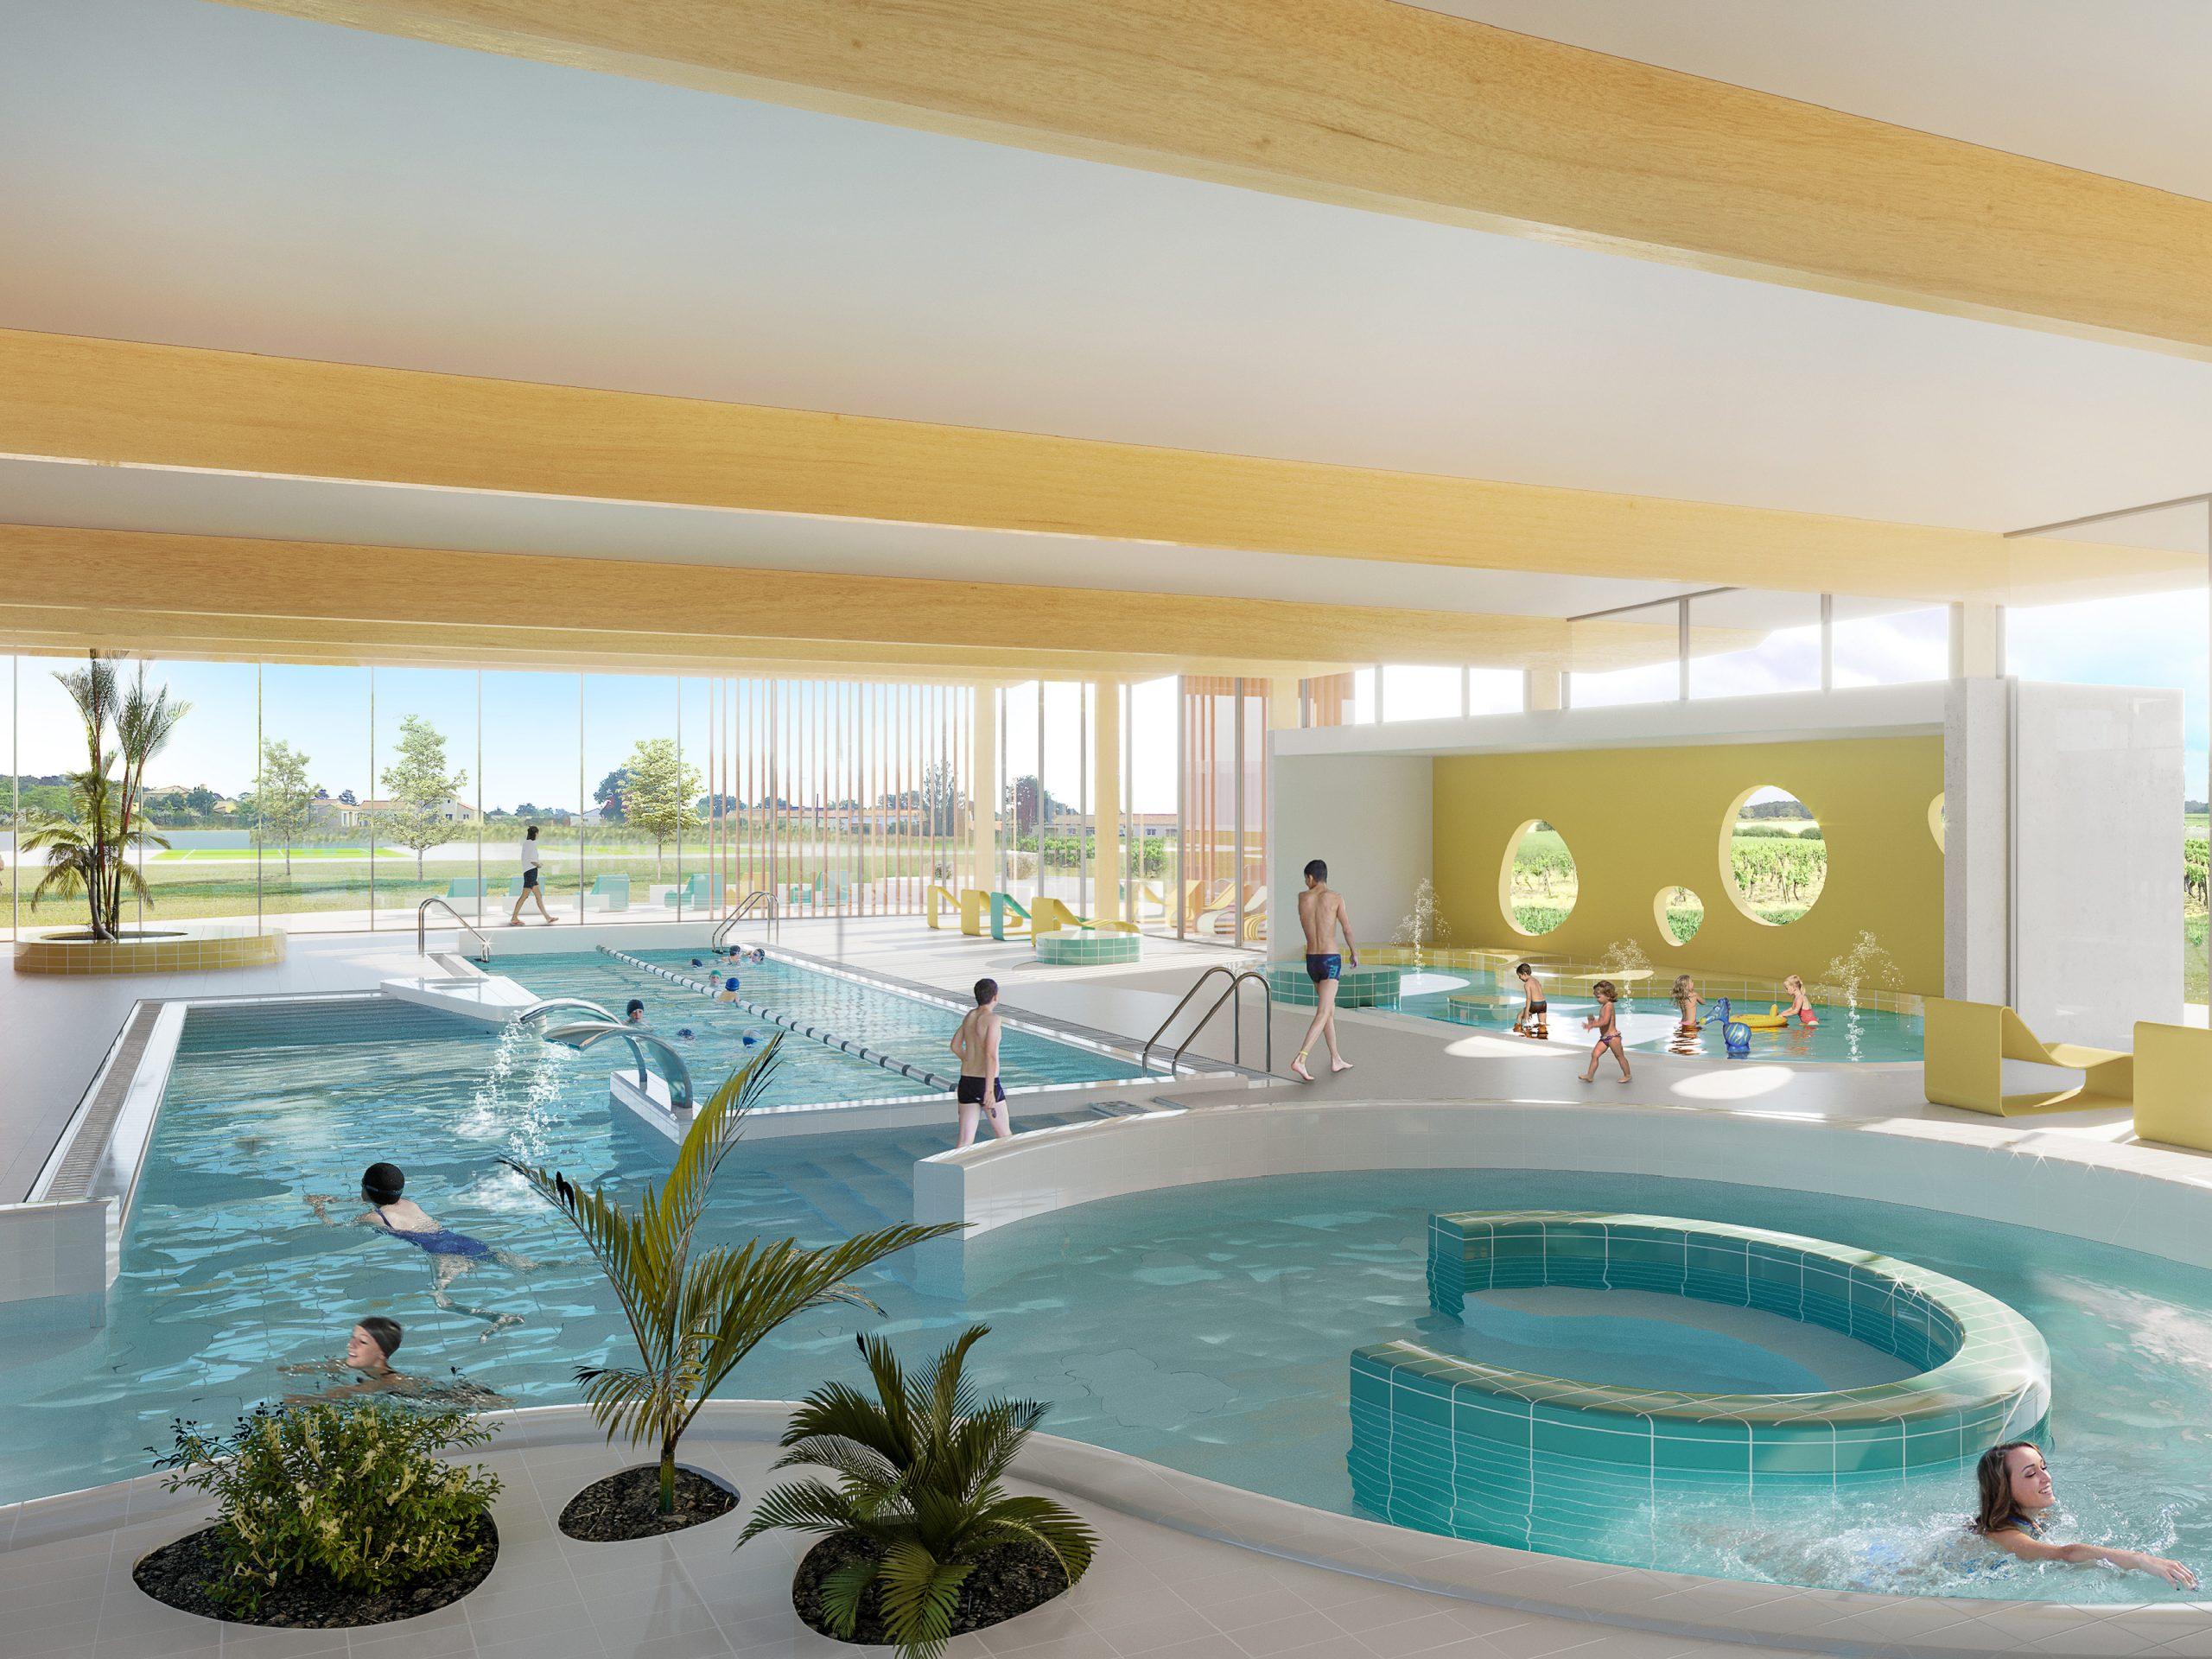 Premières Esquisses Du Futur Centre Aquatique: Clisson Sèvre ... tout Piscine Clisson